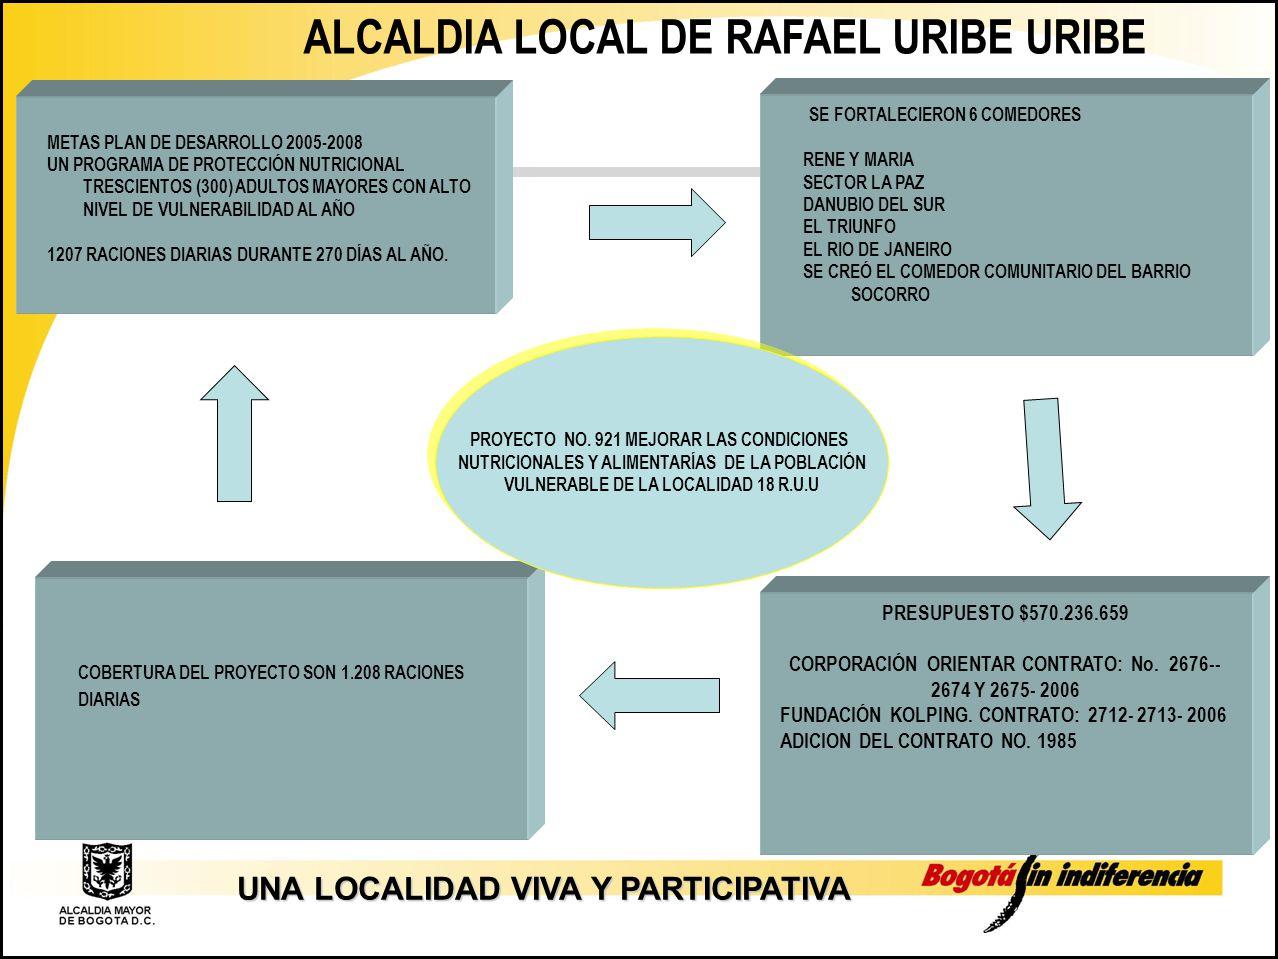 Alcaldia local de rafael uribe uribe ppt descargar for Proyecto comedor comunitario pdf